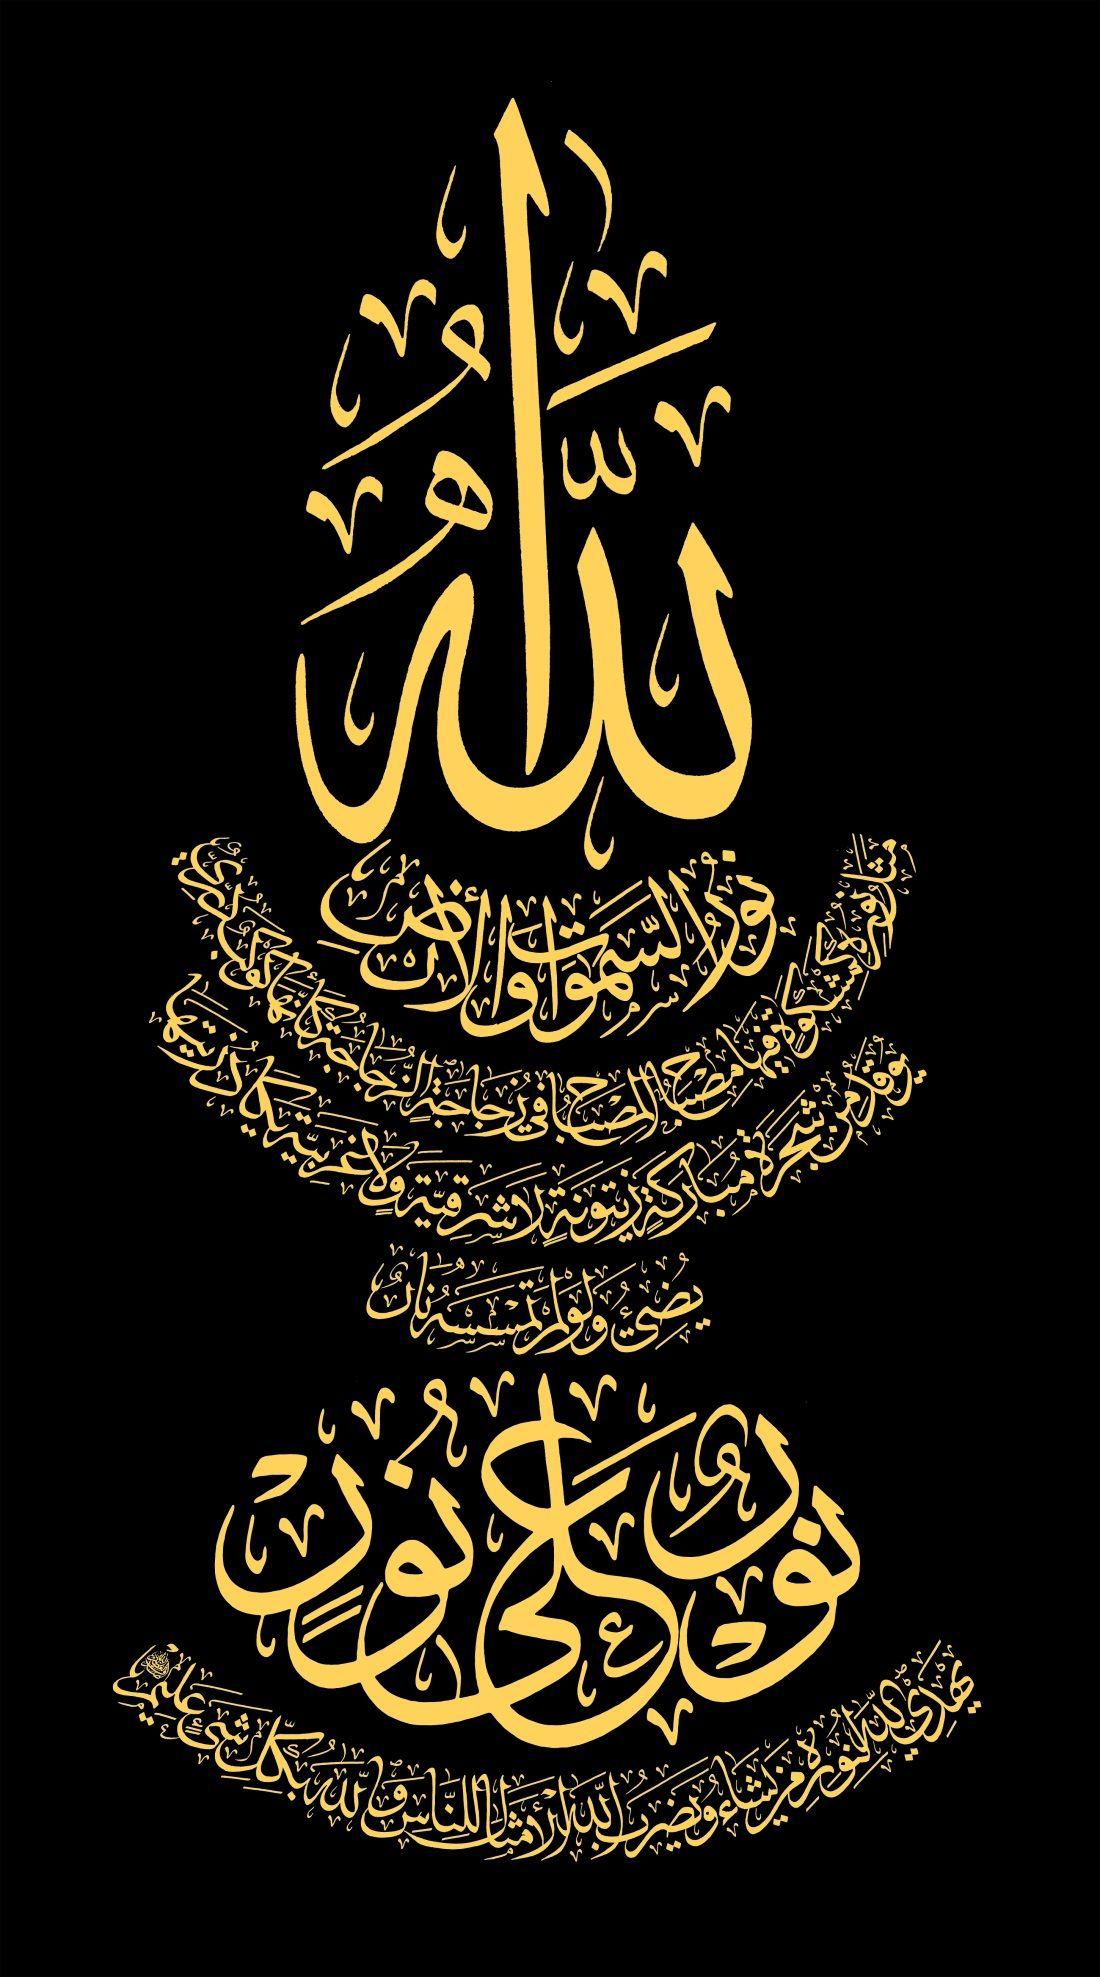 صورة خلفيات اسلامية للموبايل , اروع الصور لخلفية الجوال بطابع ديني اسلامي